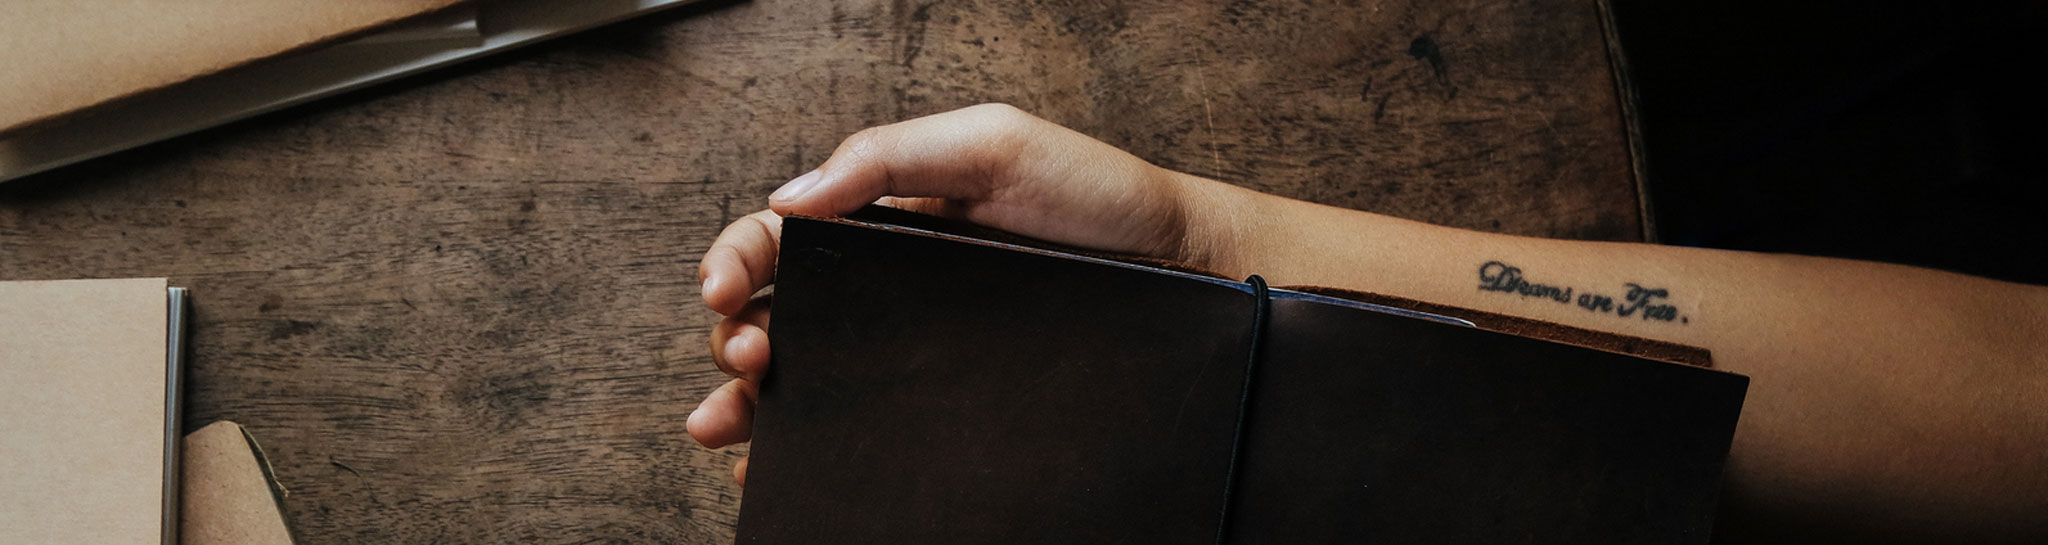 9 Business Books For The Modern Entrepreneur